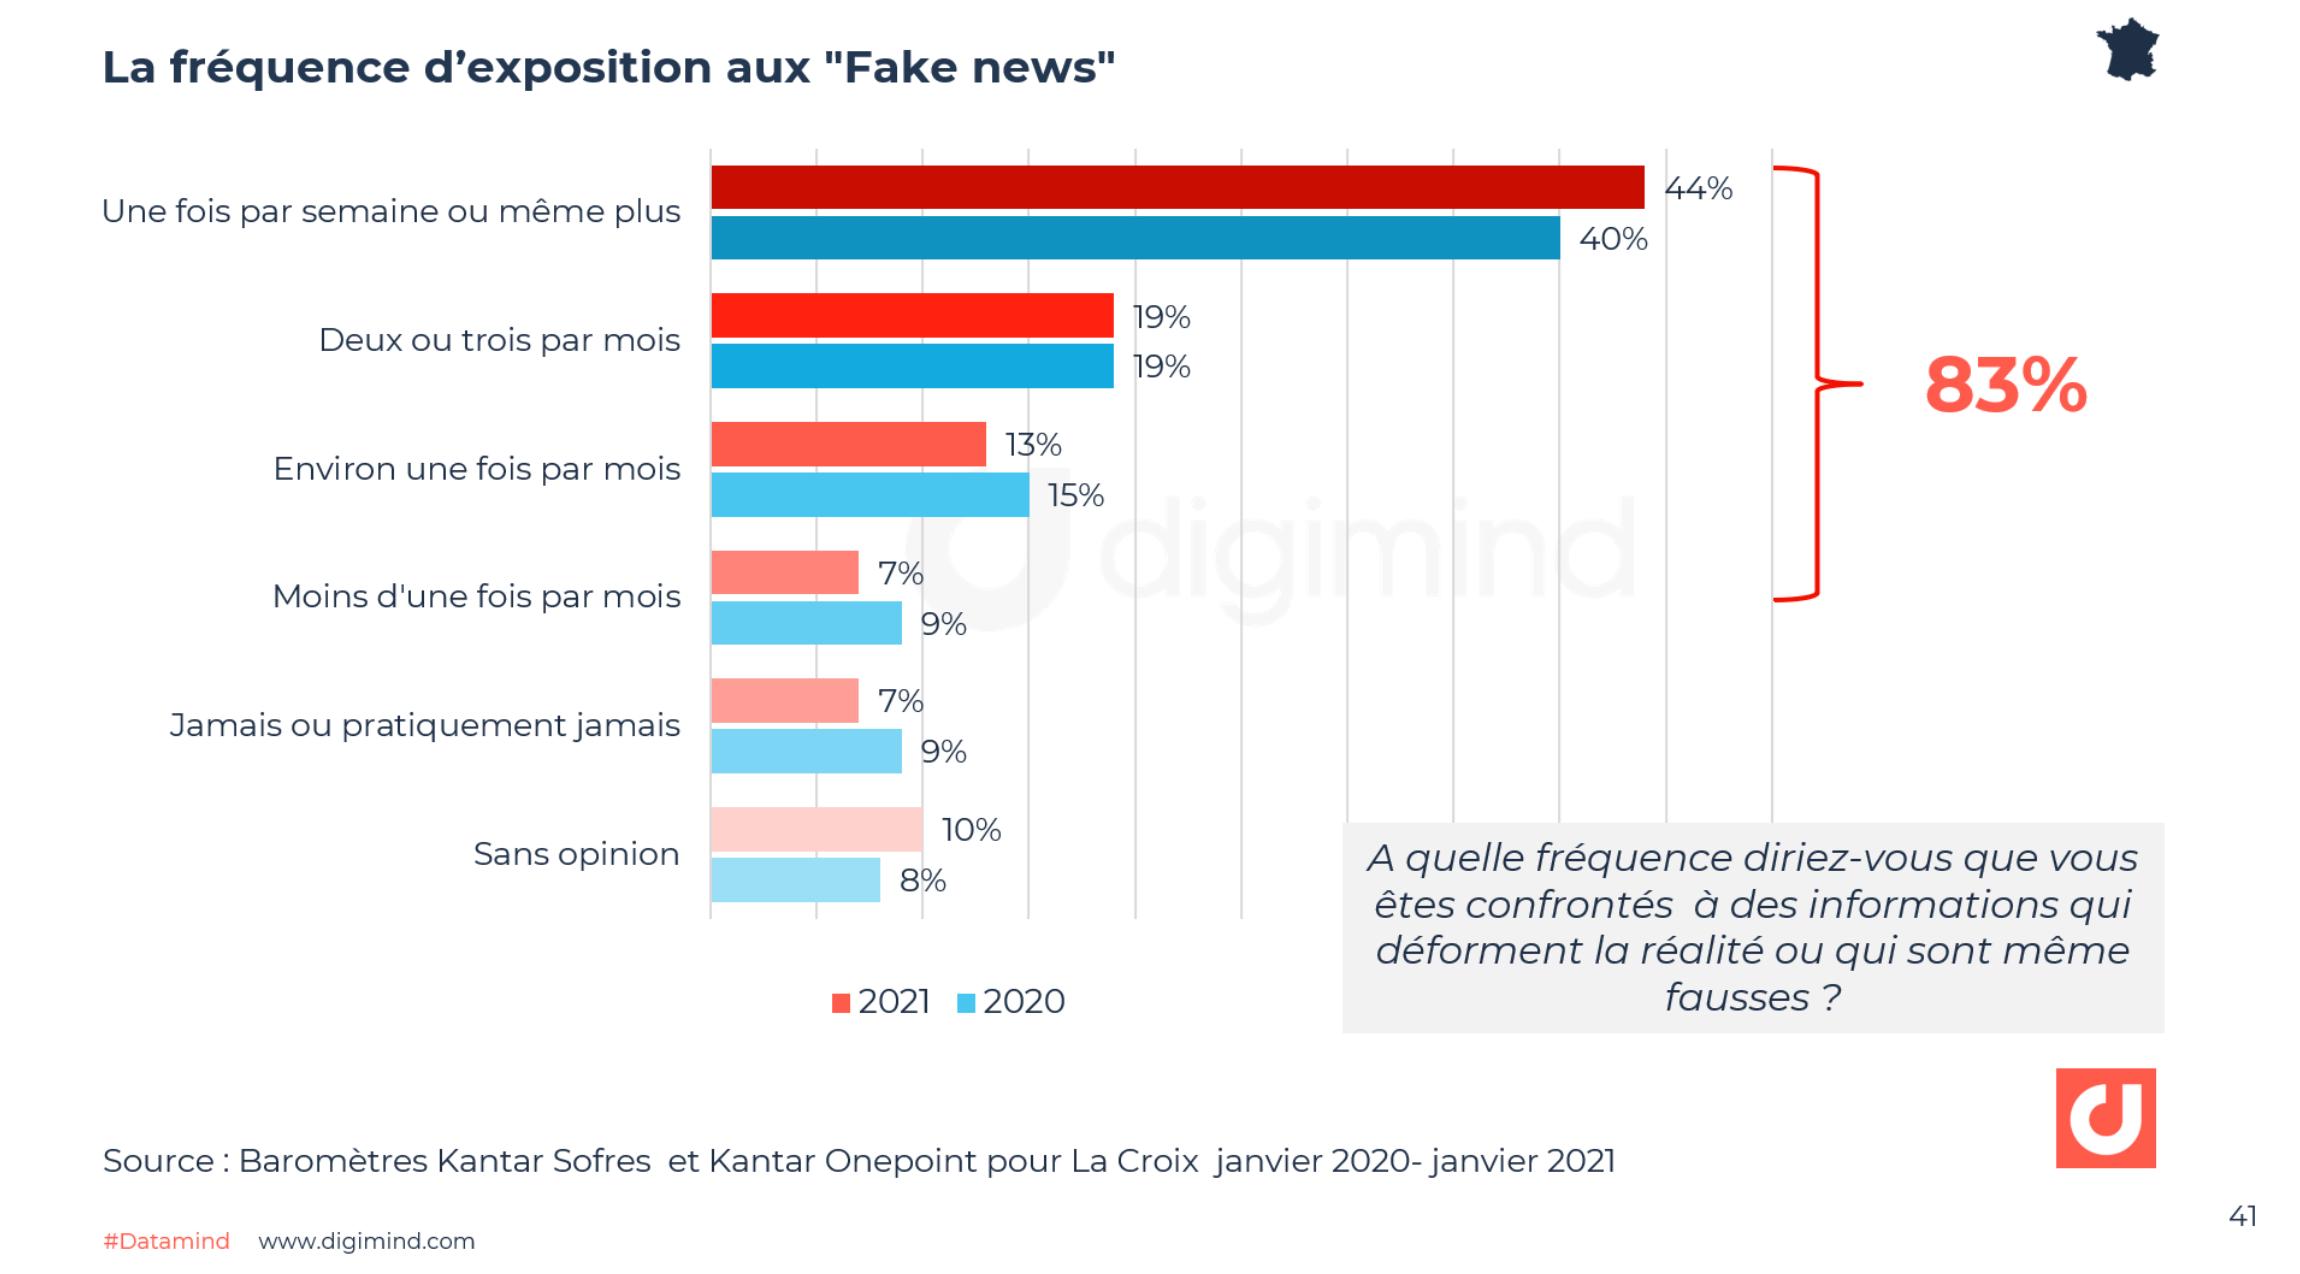 """La fréquence d'exposition aux """"Fake news"""" - Kantar Sofres et Kantar Onepoint pour La Croix janvier 2020- janvier 2021"""